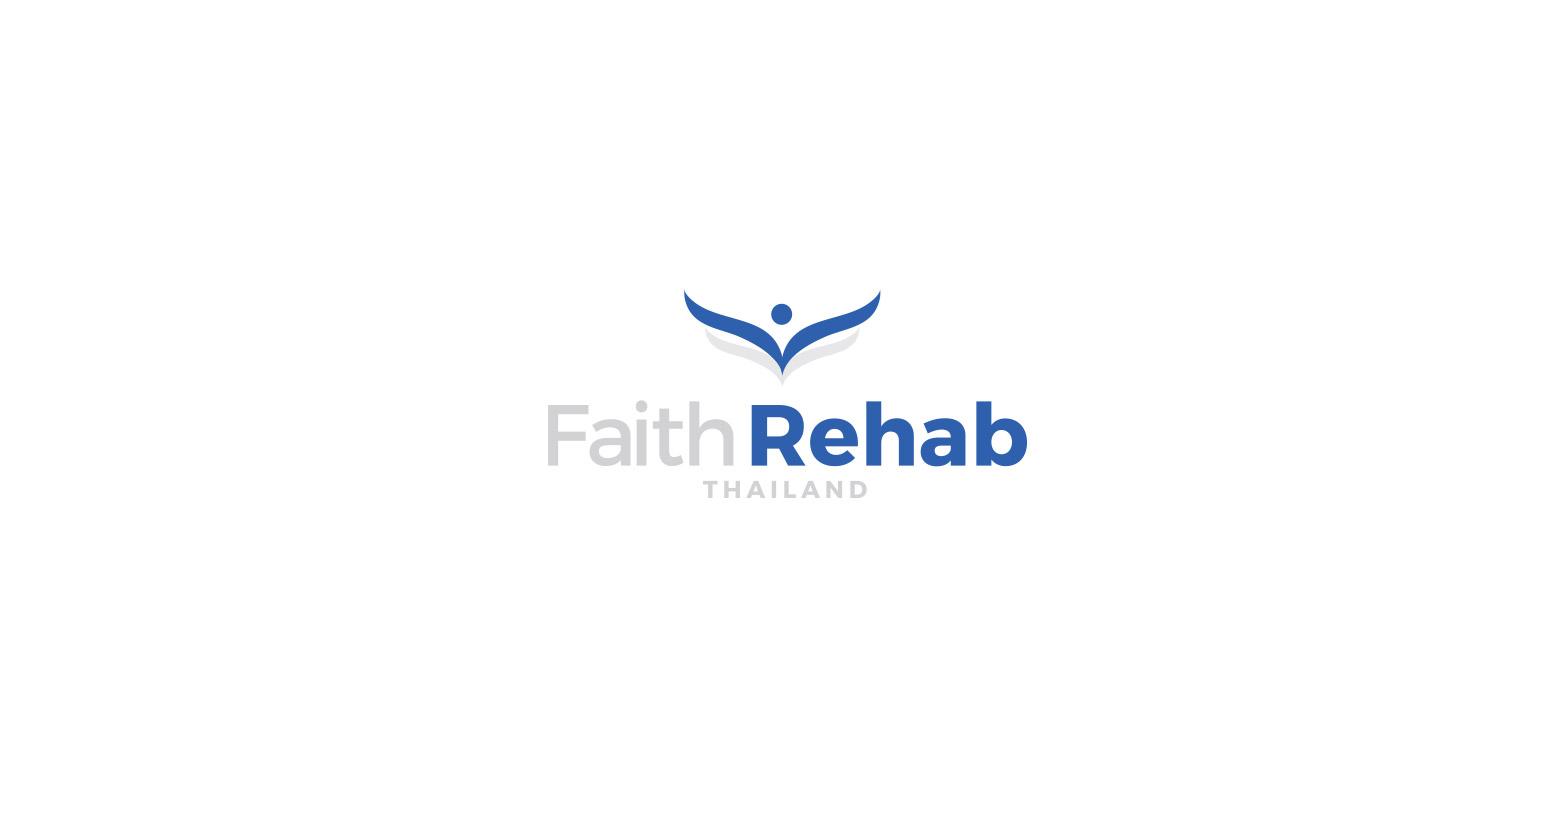 KOS Design - Faith Rehab